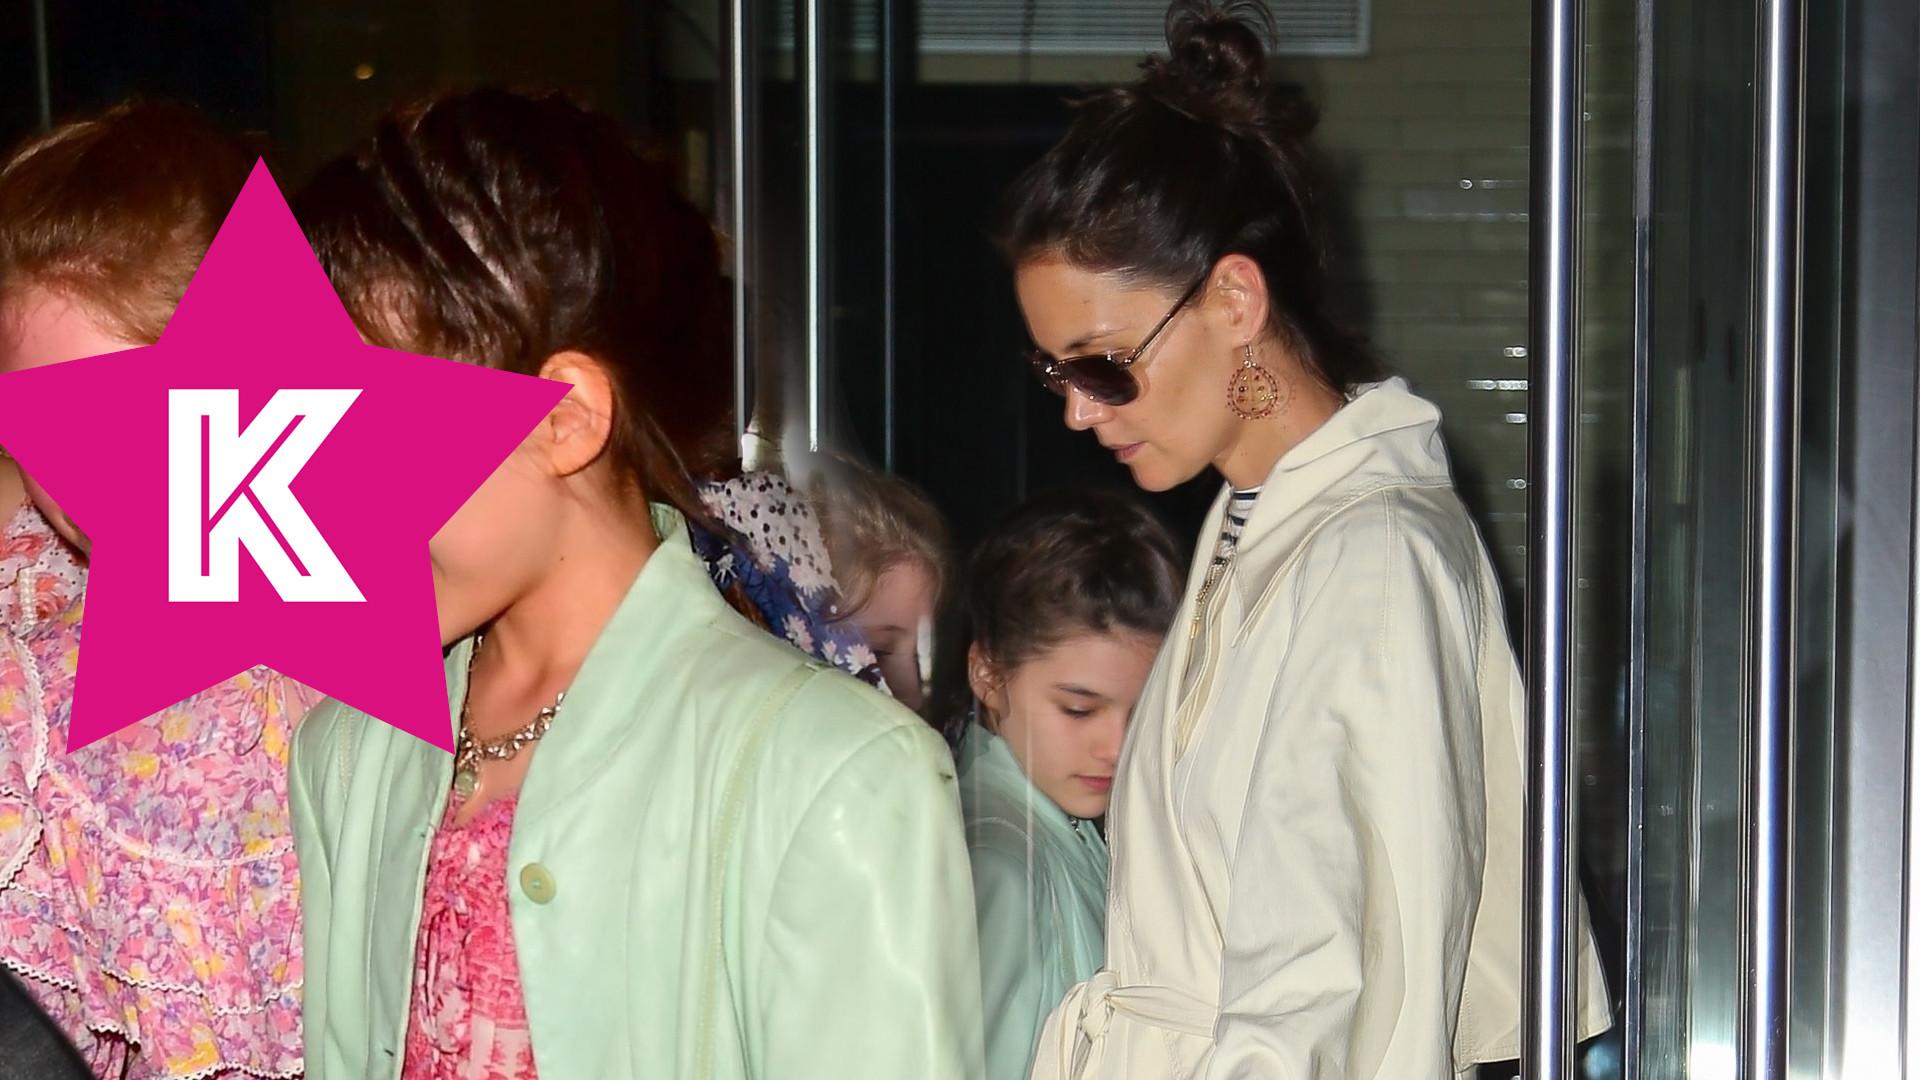 Katie Holmes zorganizowała córce urodziny. Tom Cruise się nie pojawił (ZDJĘCIA)